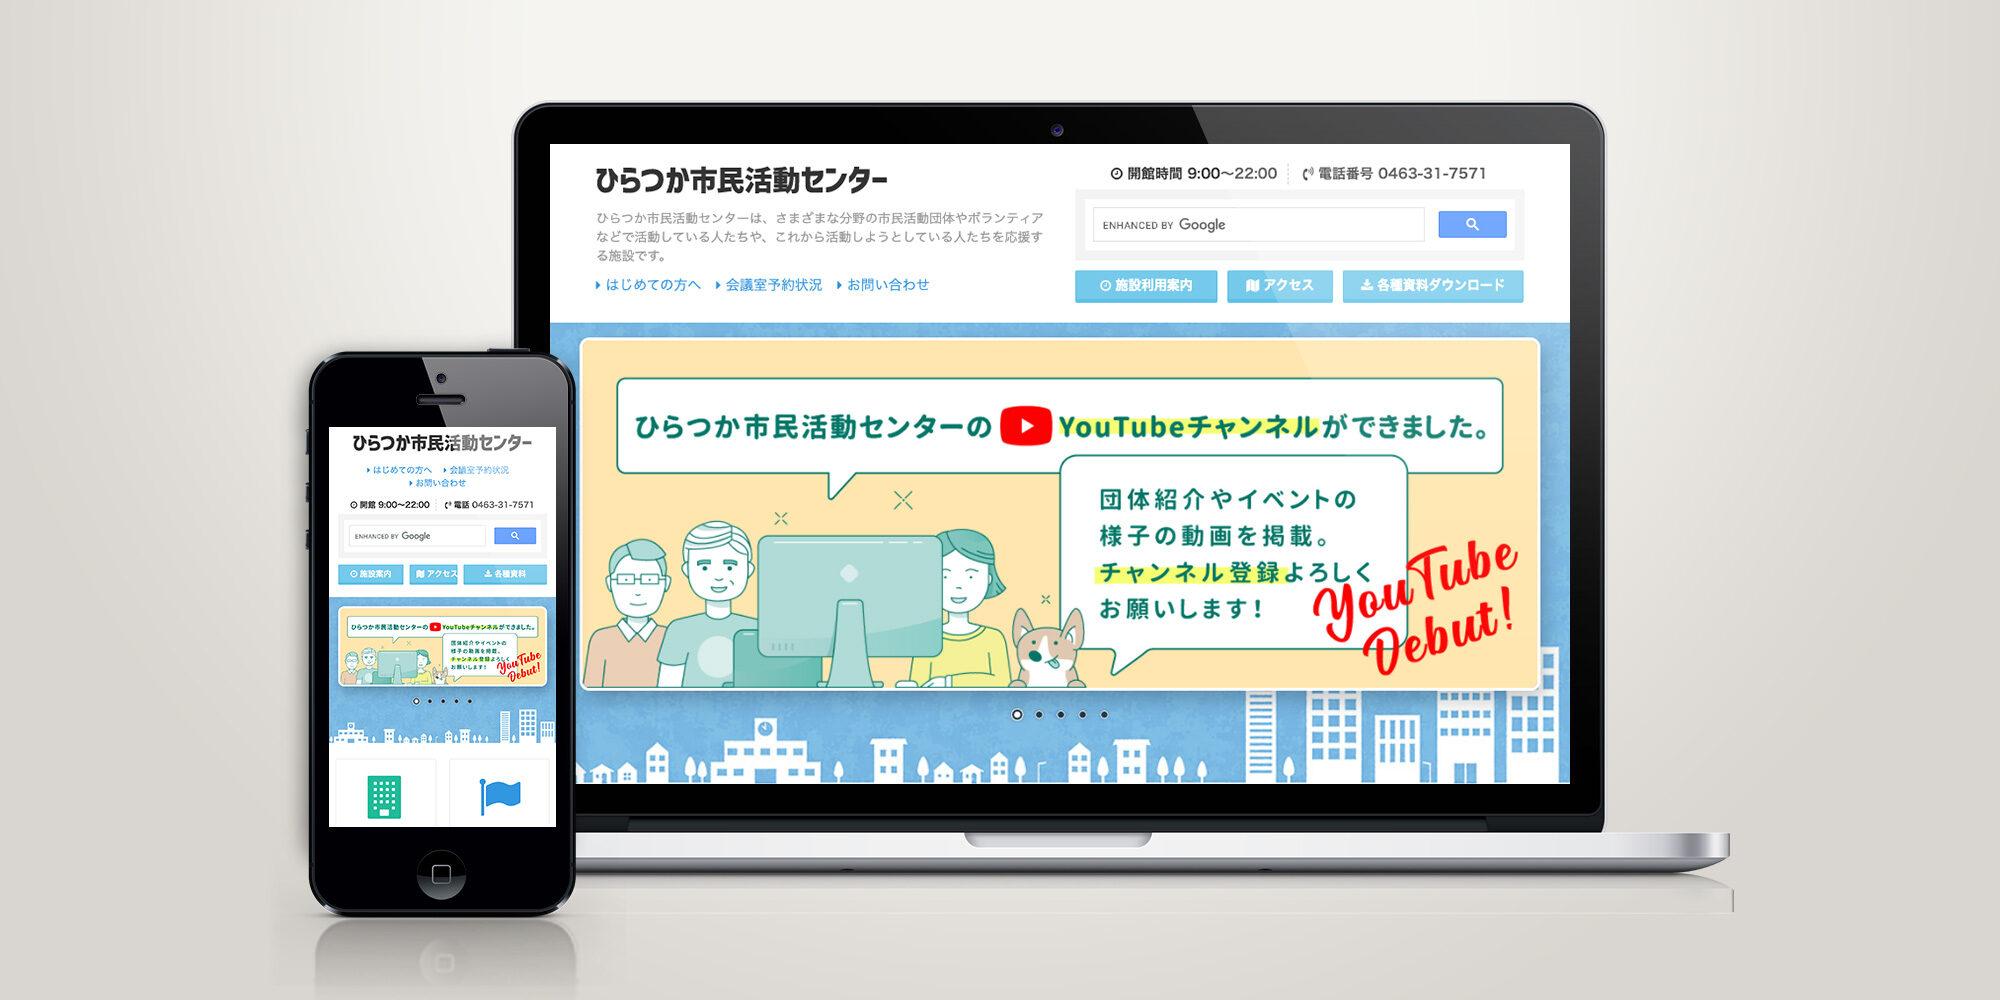 平塚のまちづくりの拠点 ひらつか市民活動センター様 ホームページ作成